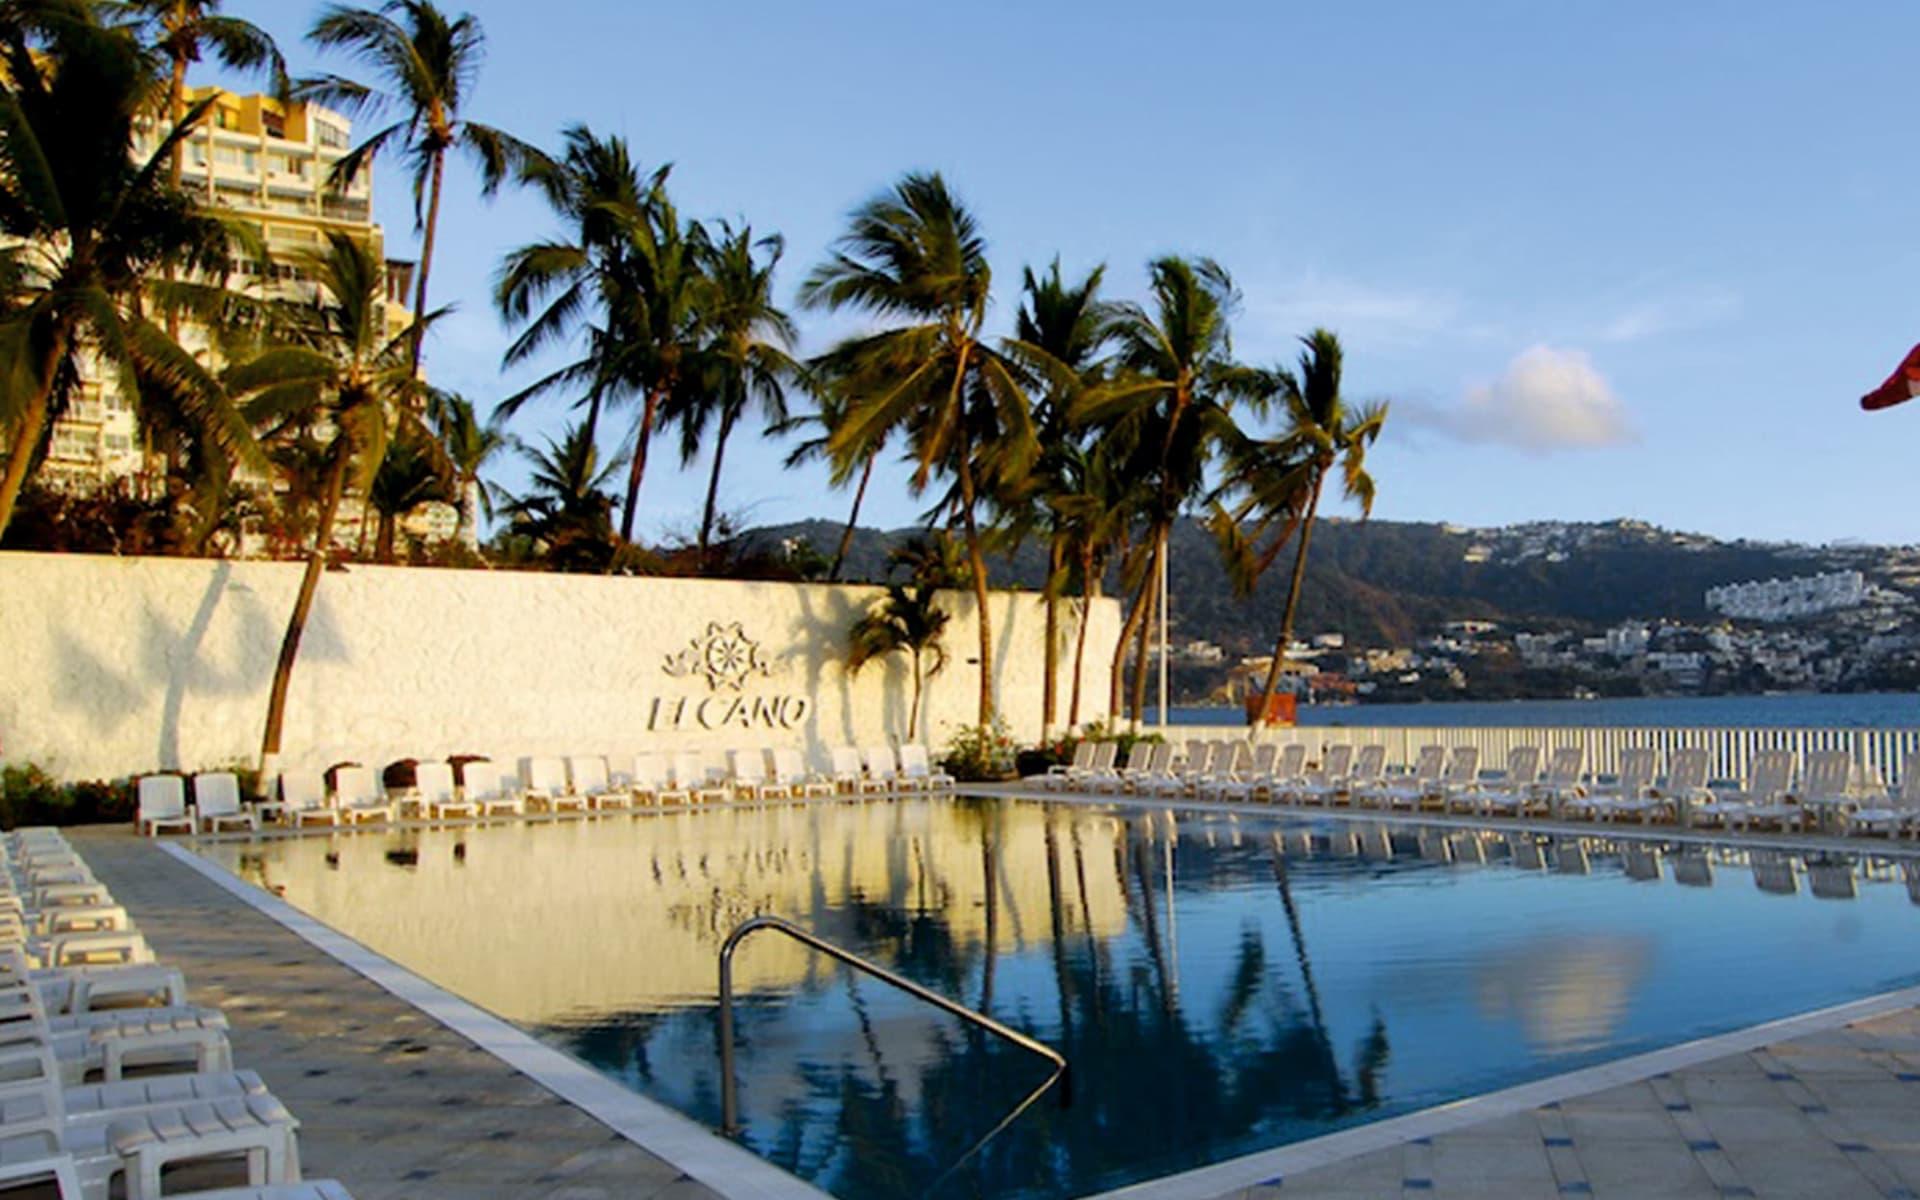 Elcano in Acapulco: Acapulco_Hotel Elcano